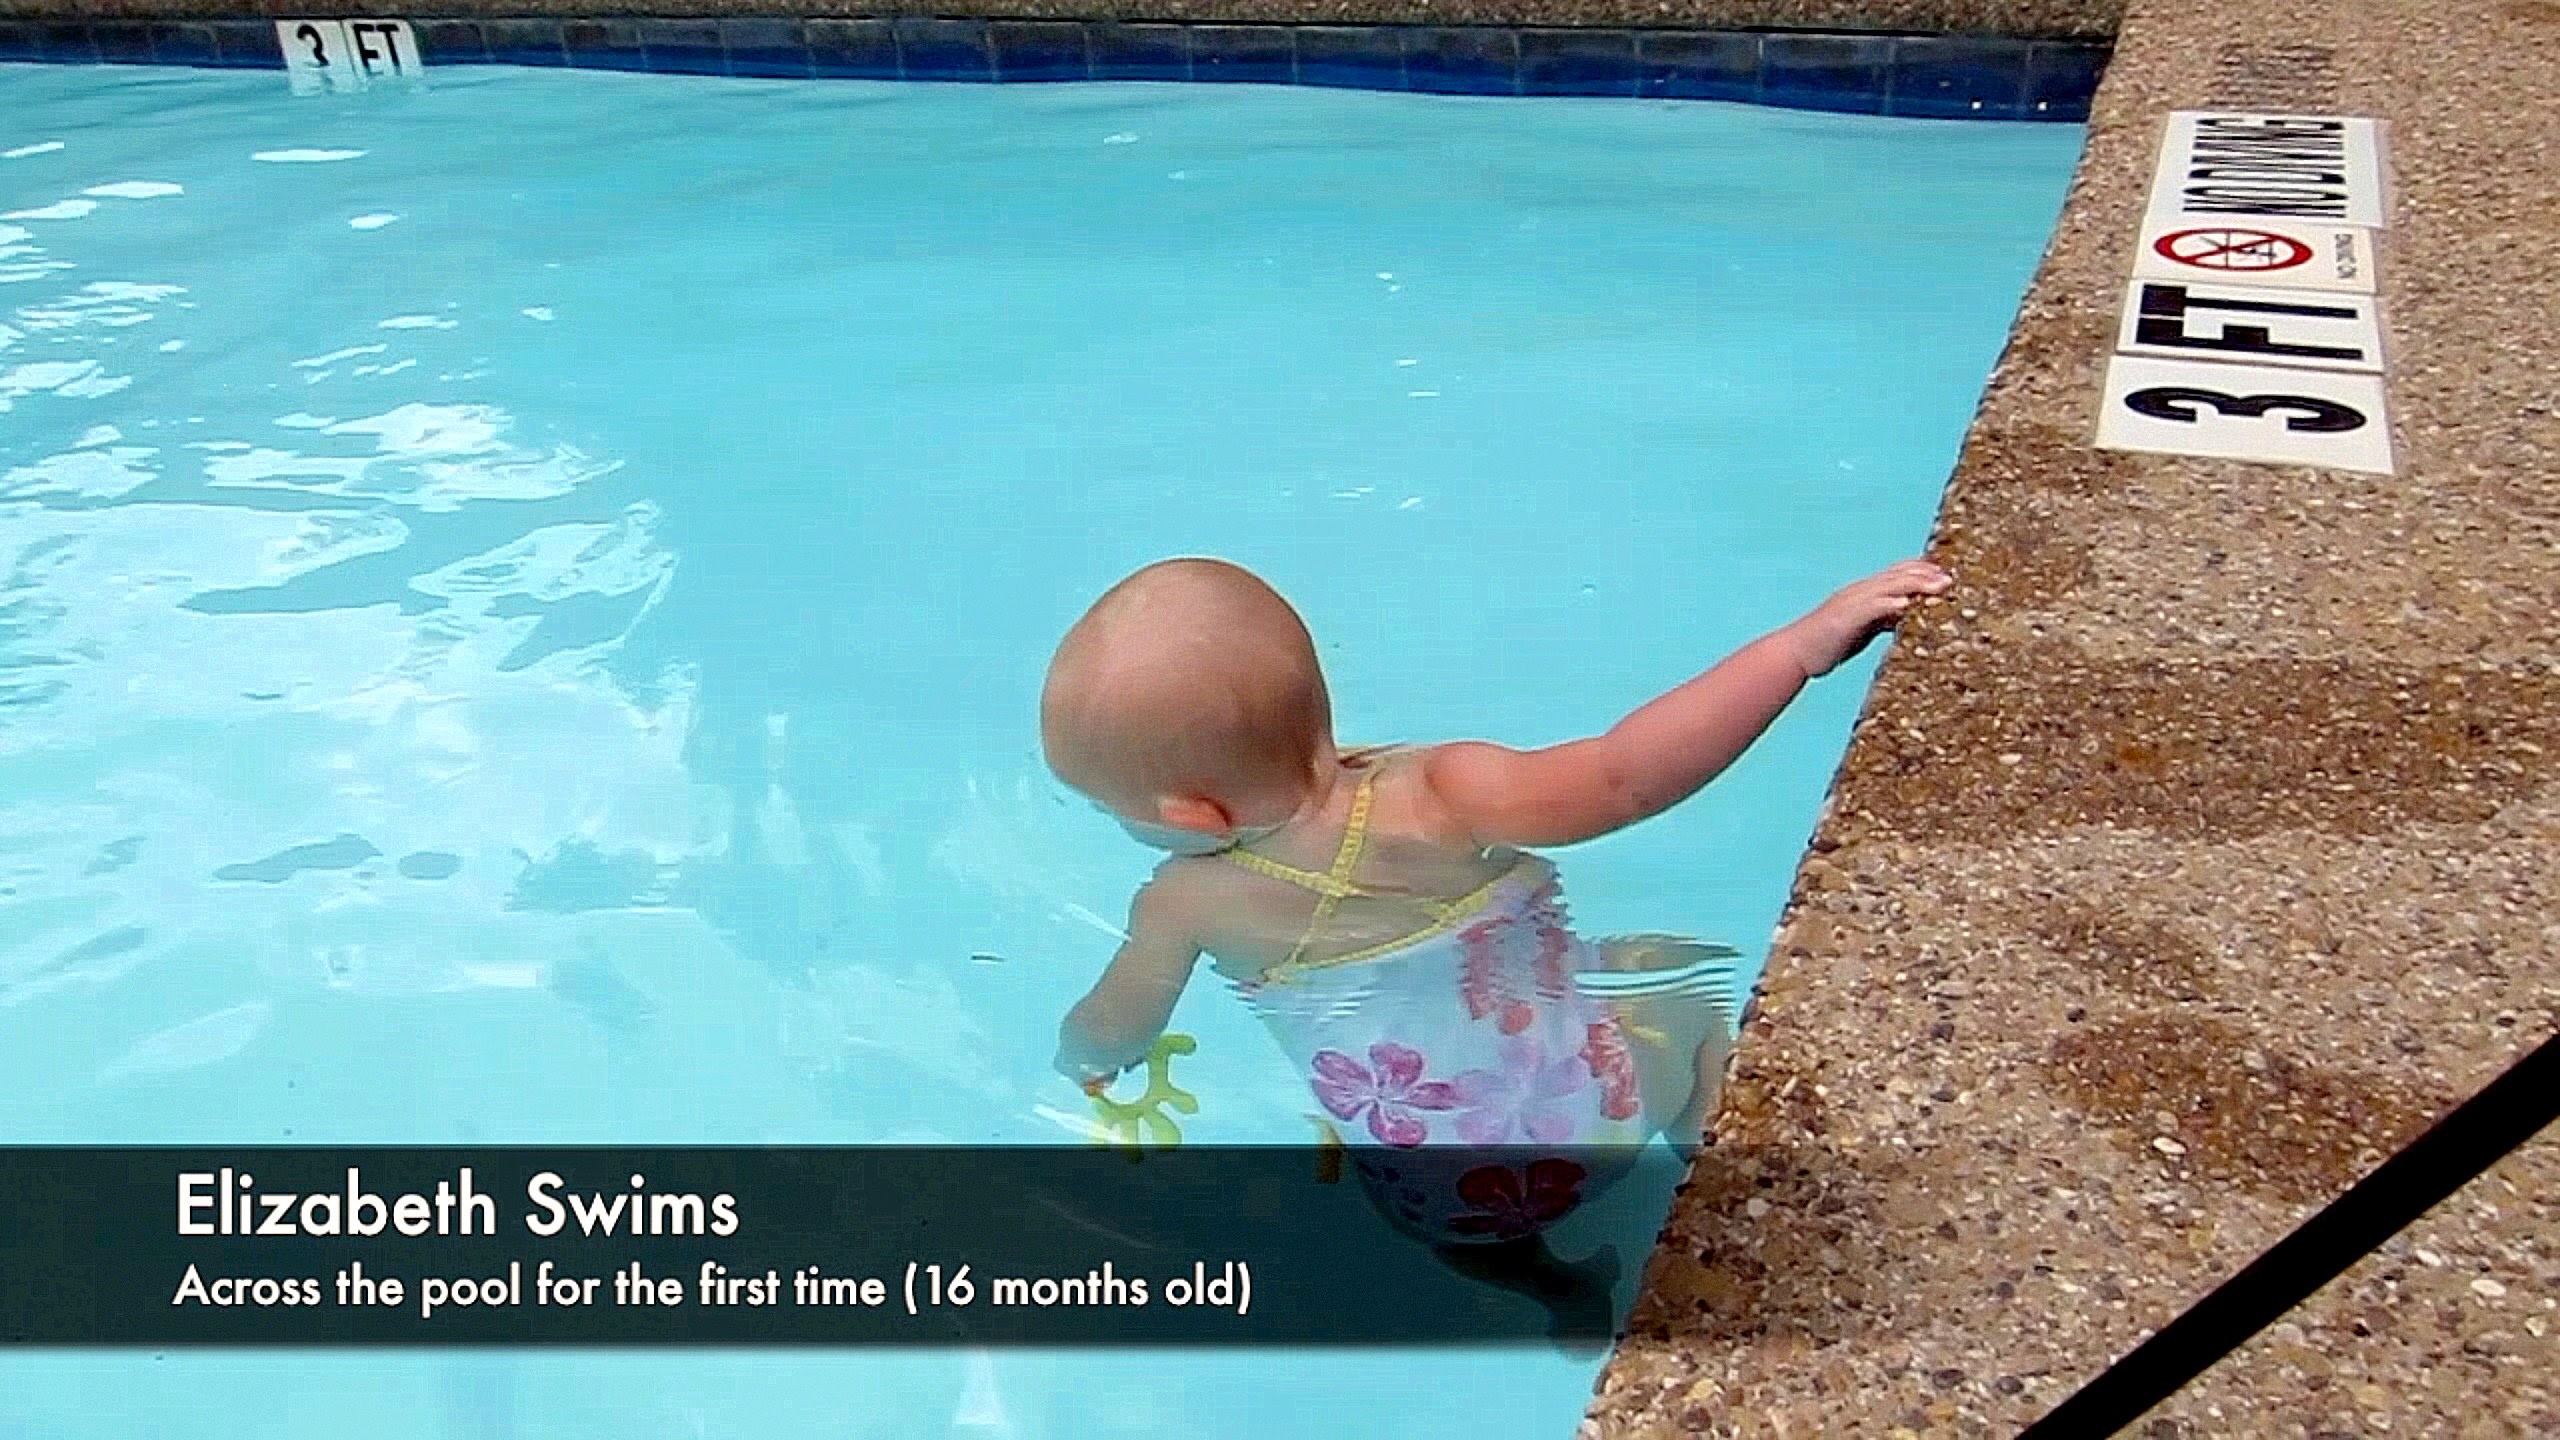 بالفيديو طفلة لم تتجاوز السنتين تبهر الملايين بمهاراتها في السباحة